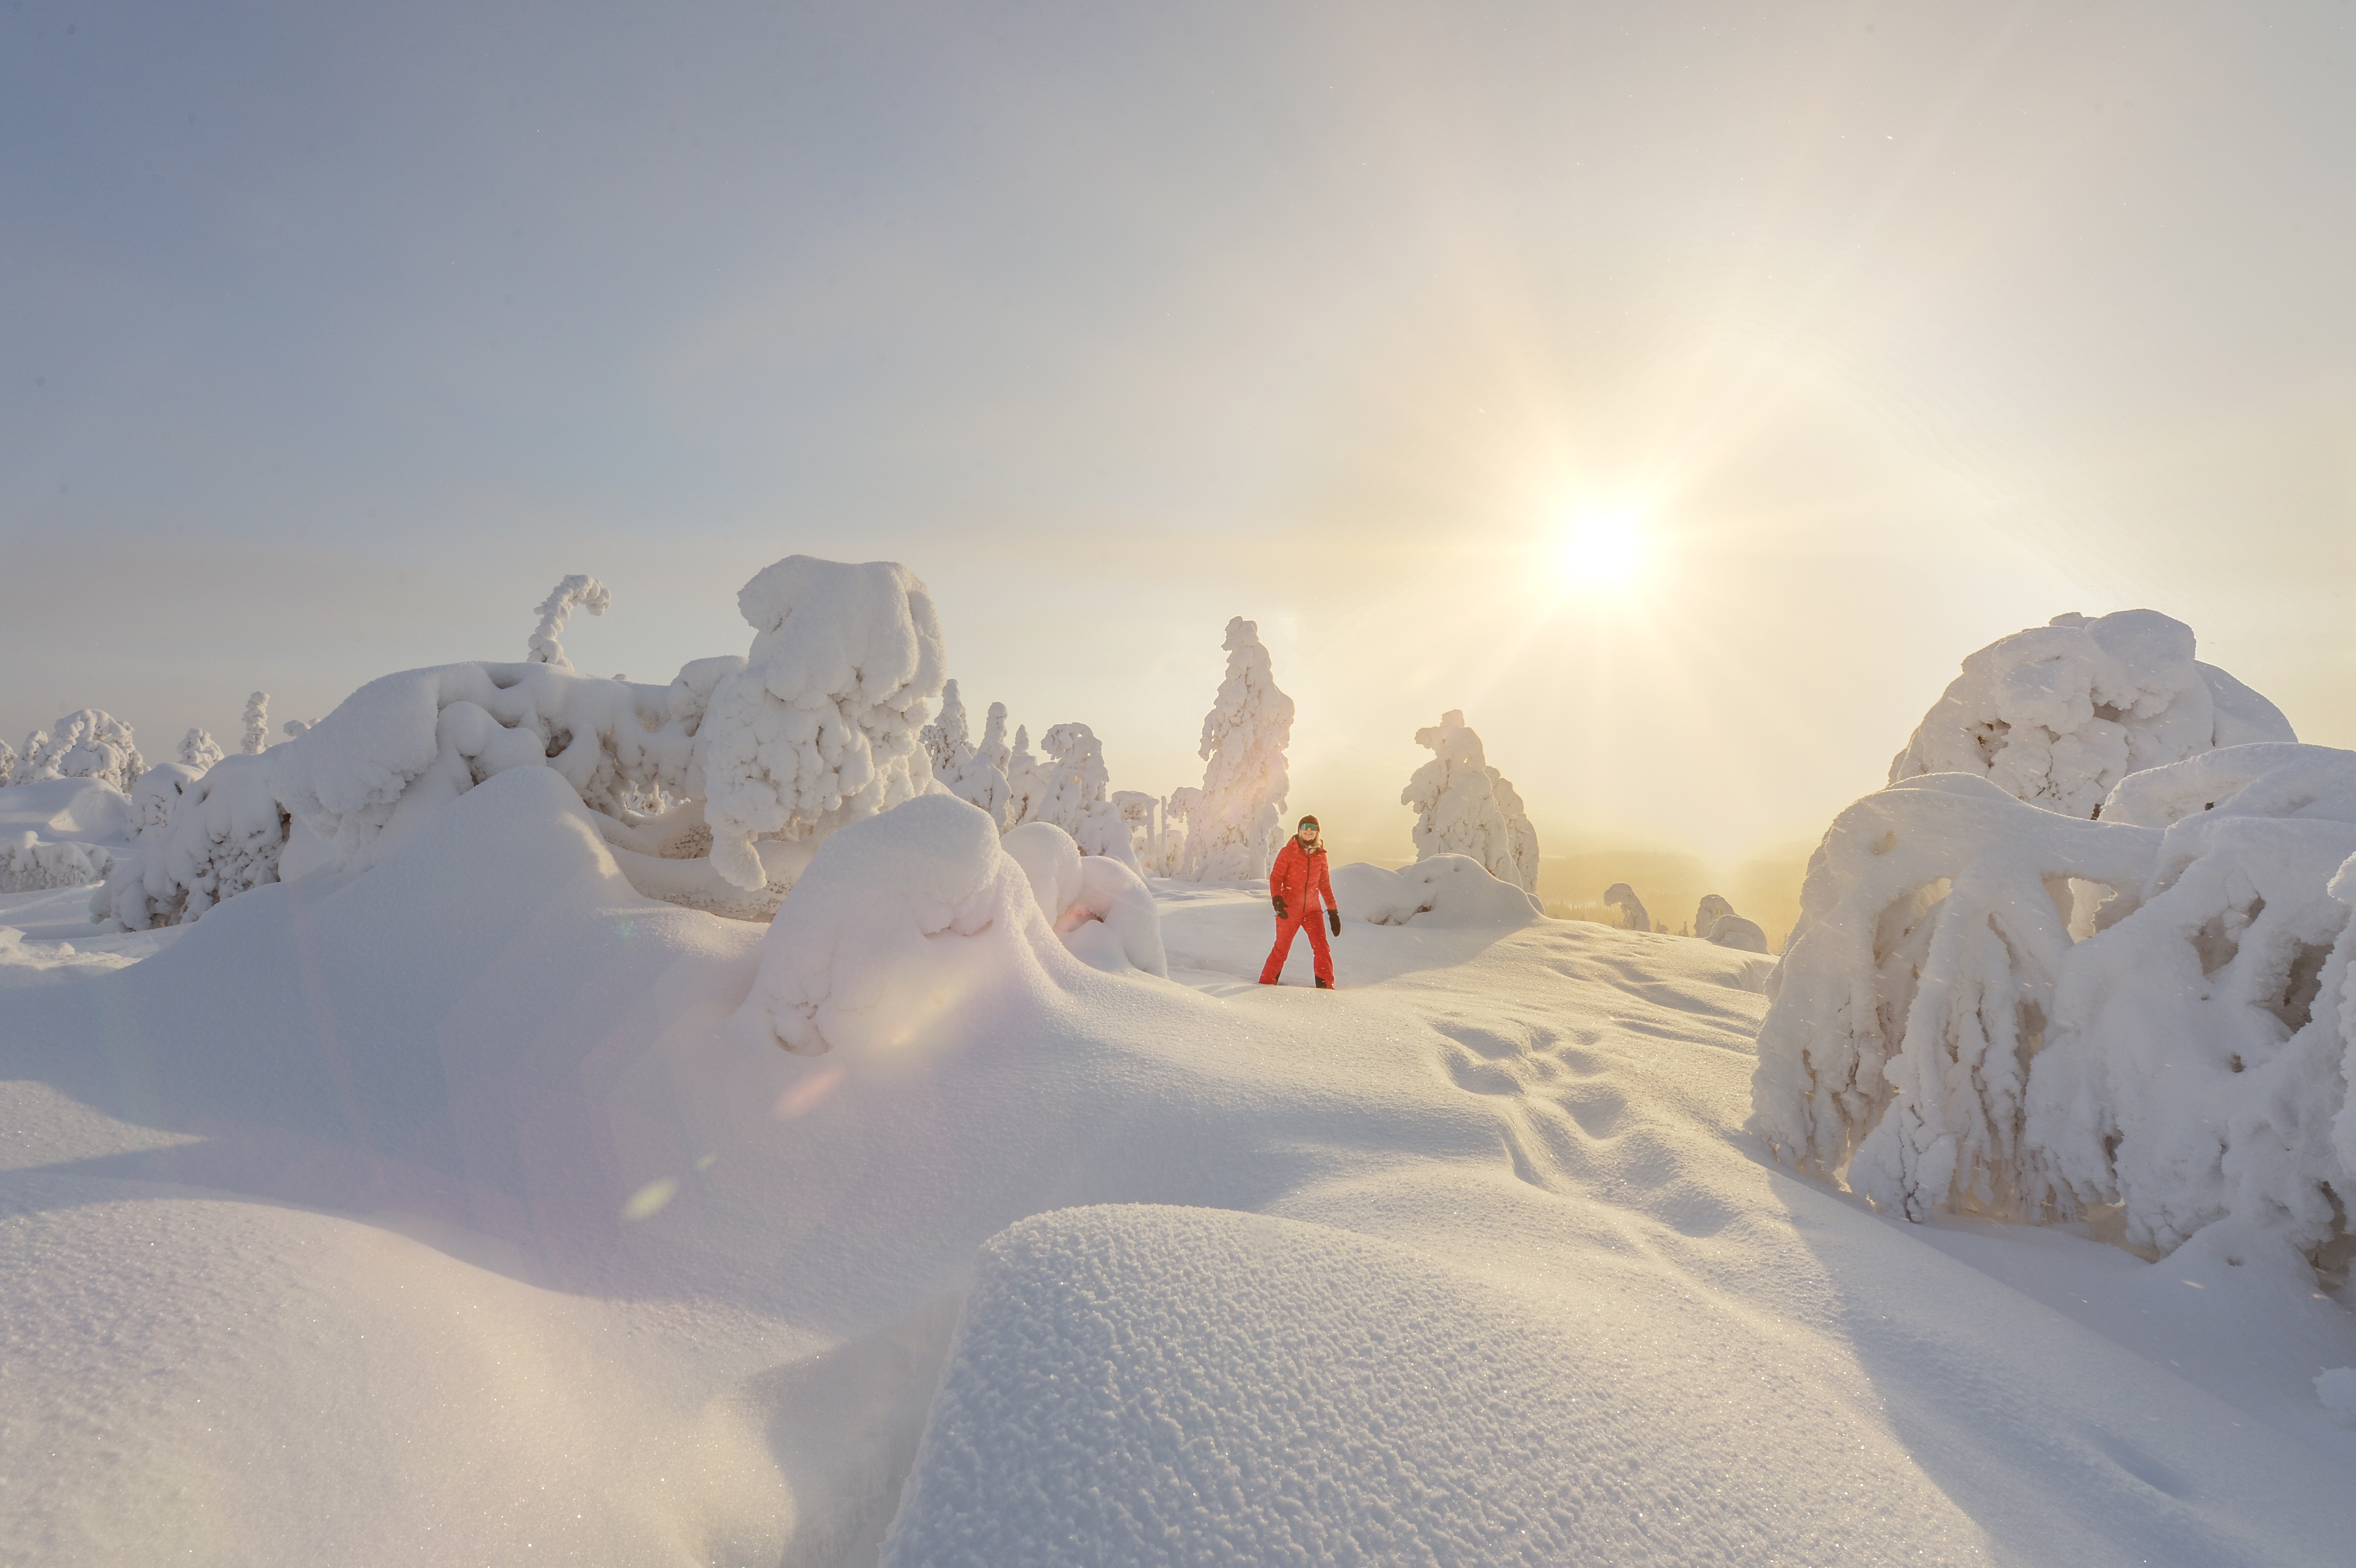 Sneeuwschoenwandelen in de wildernis van Lapland